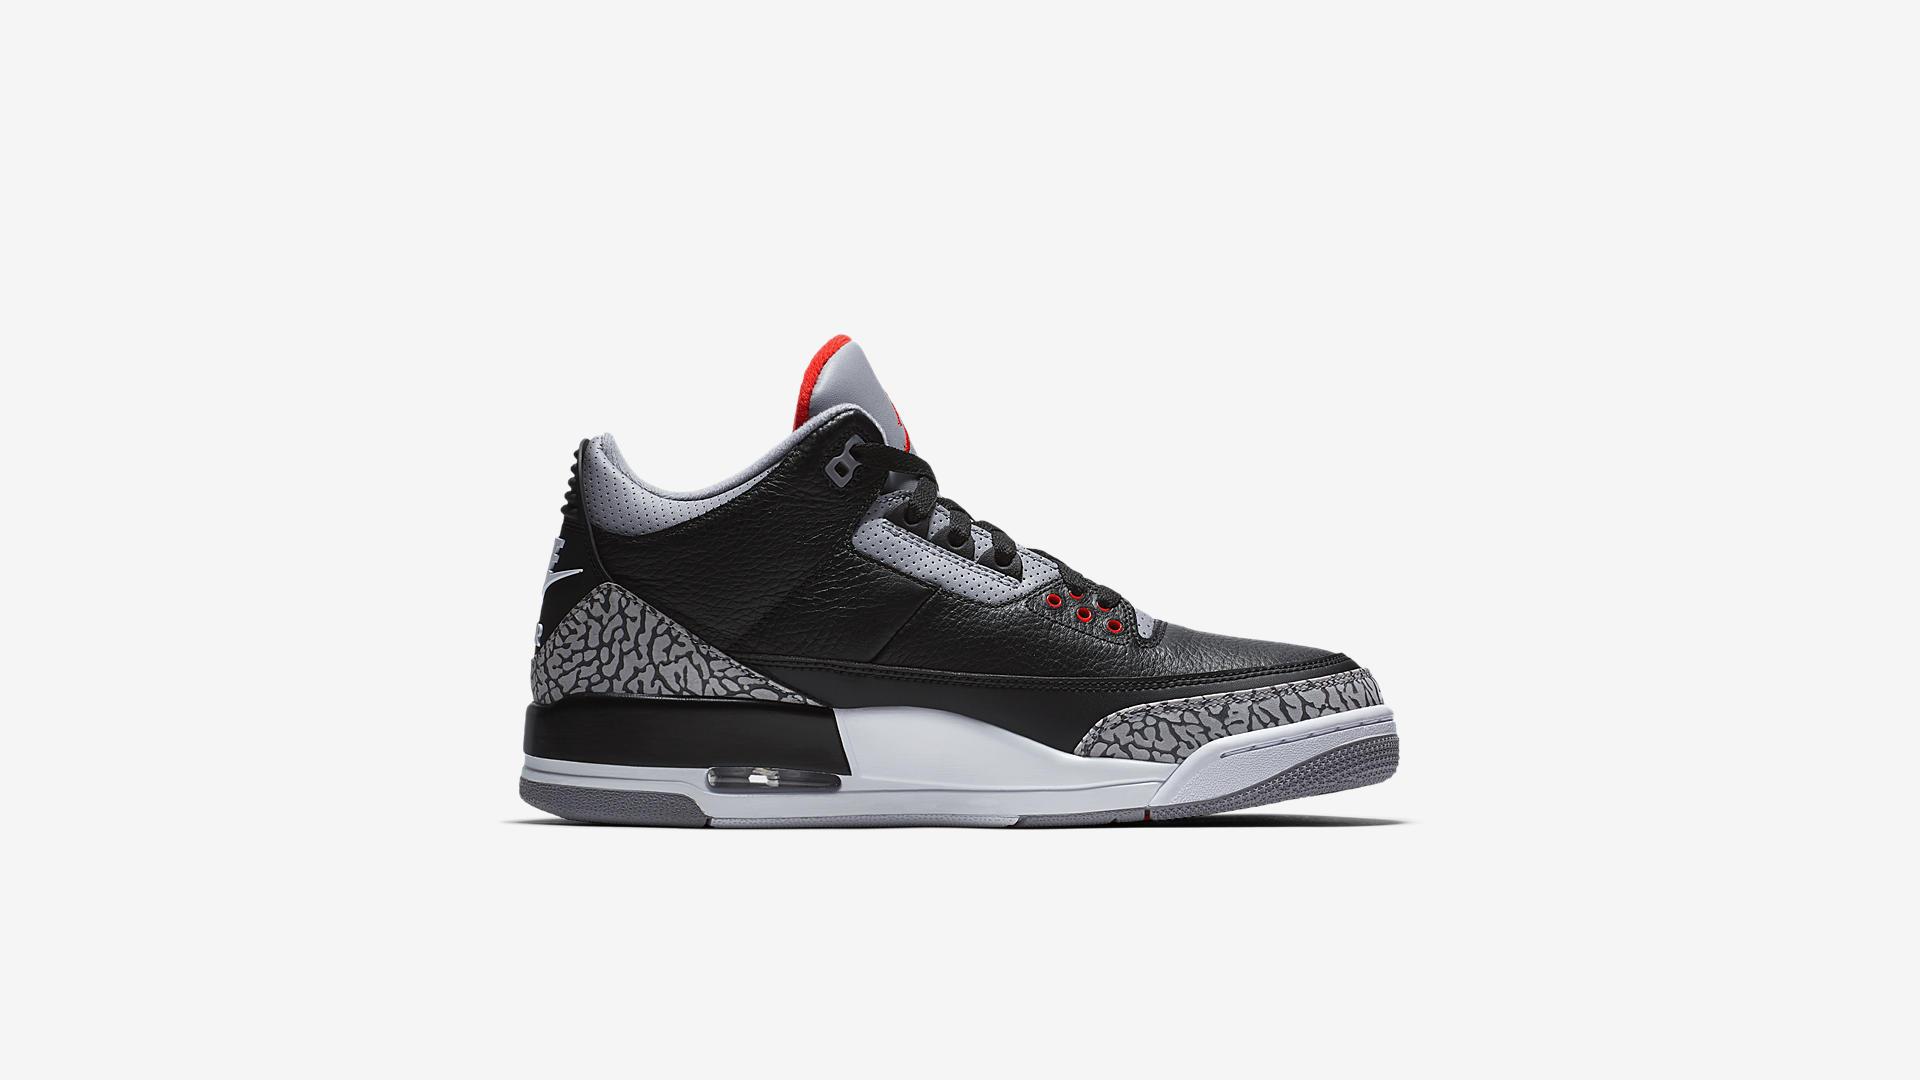 854262 001 Air Jordan 3 Black Cement 3